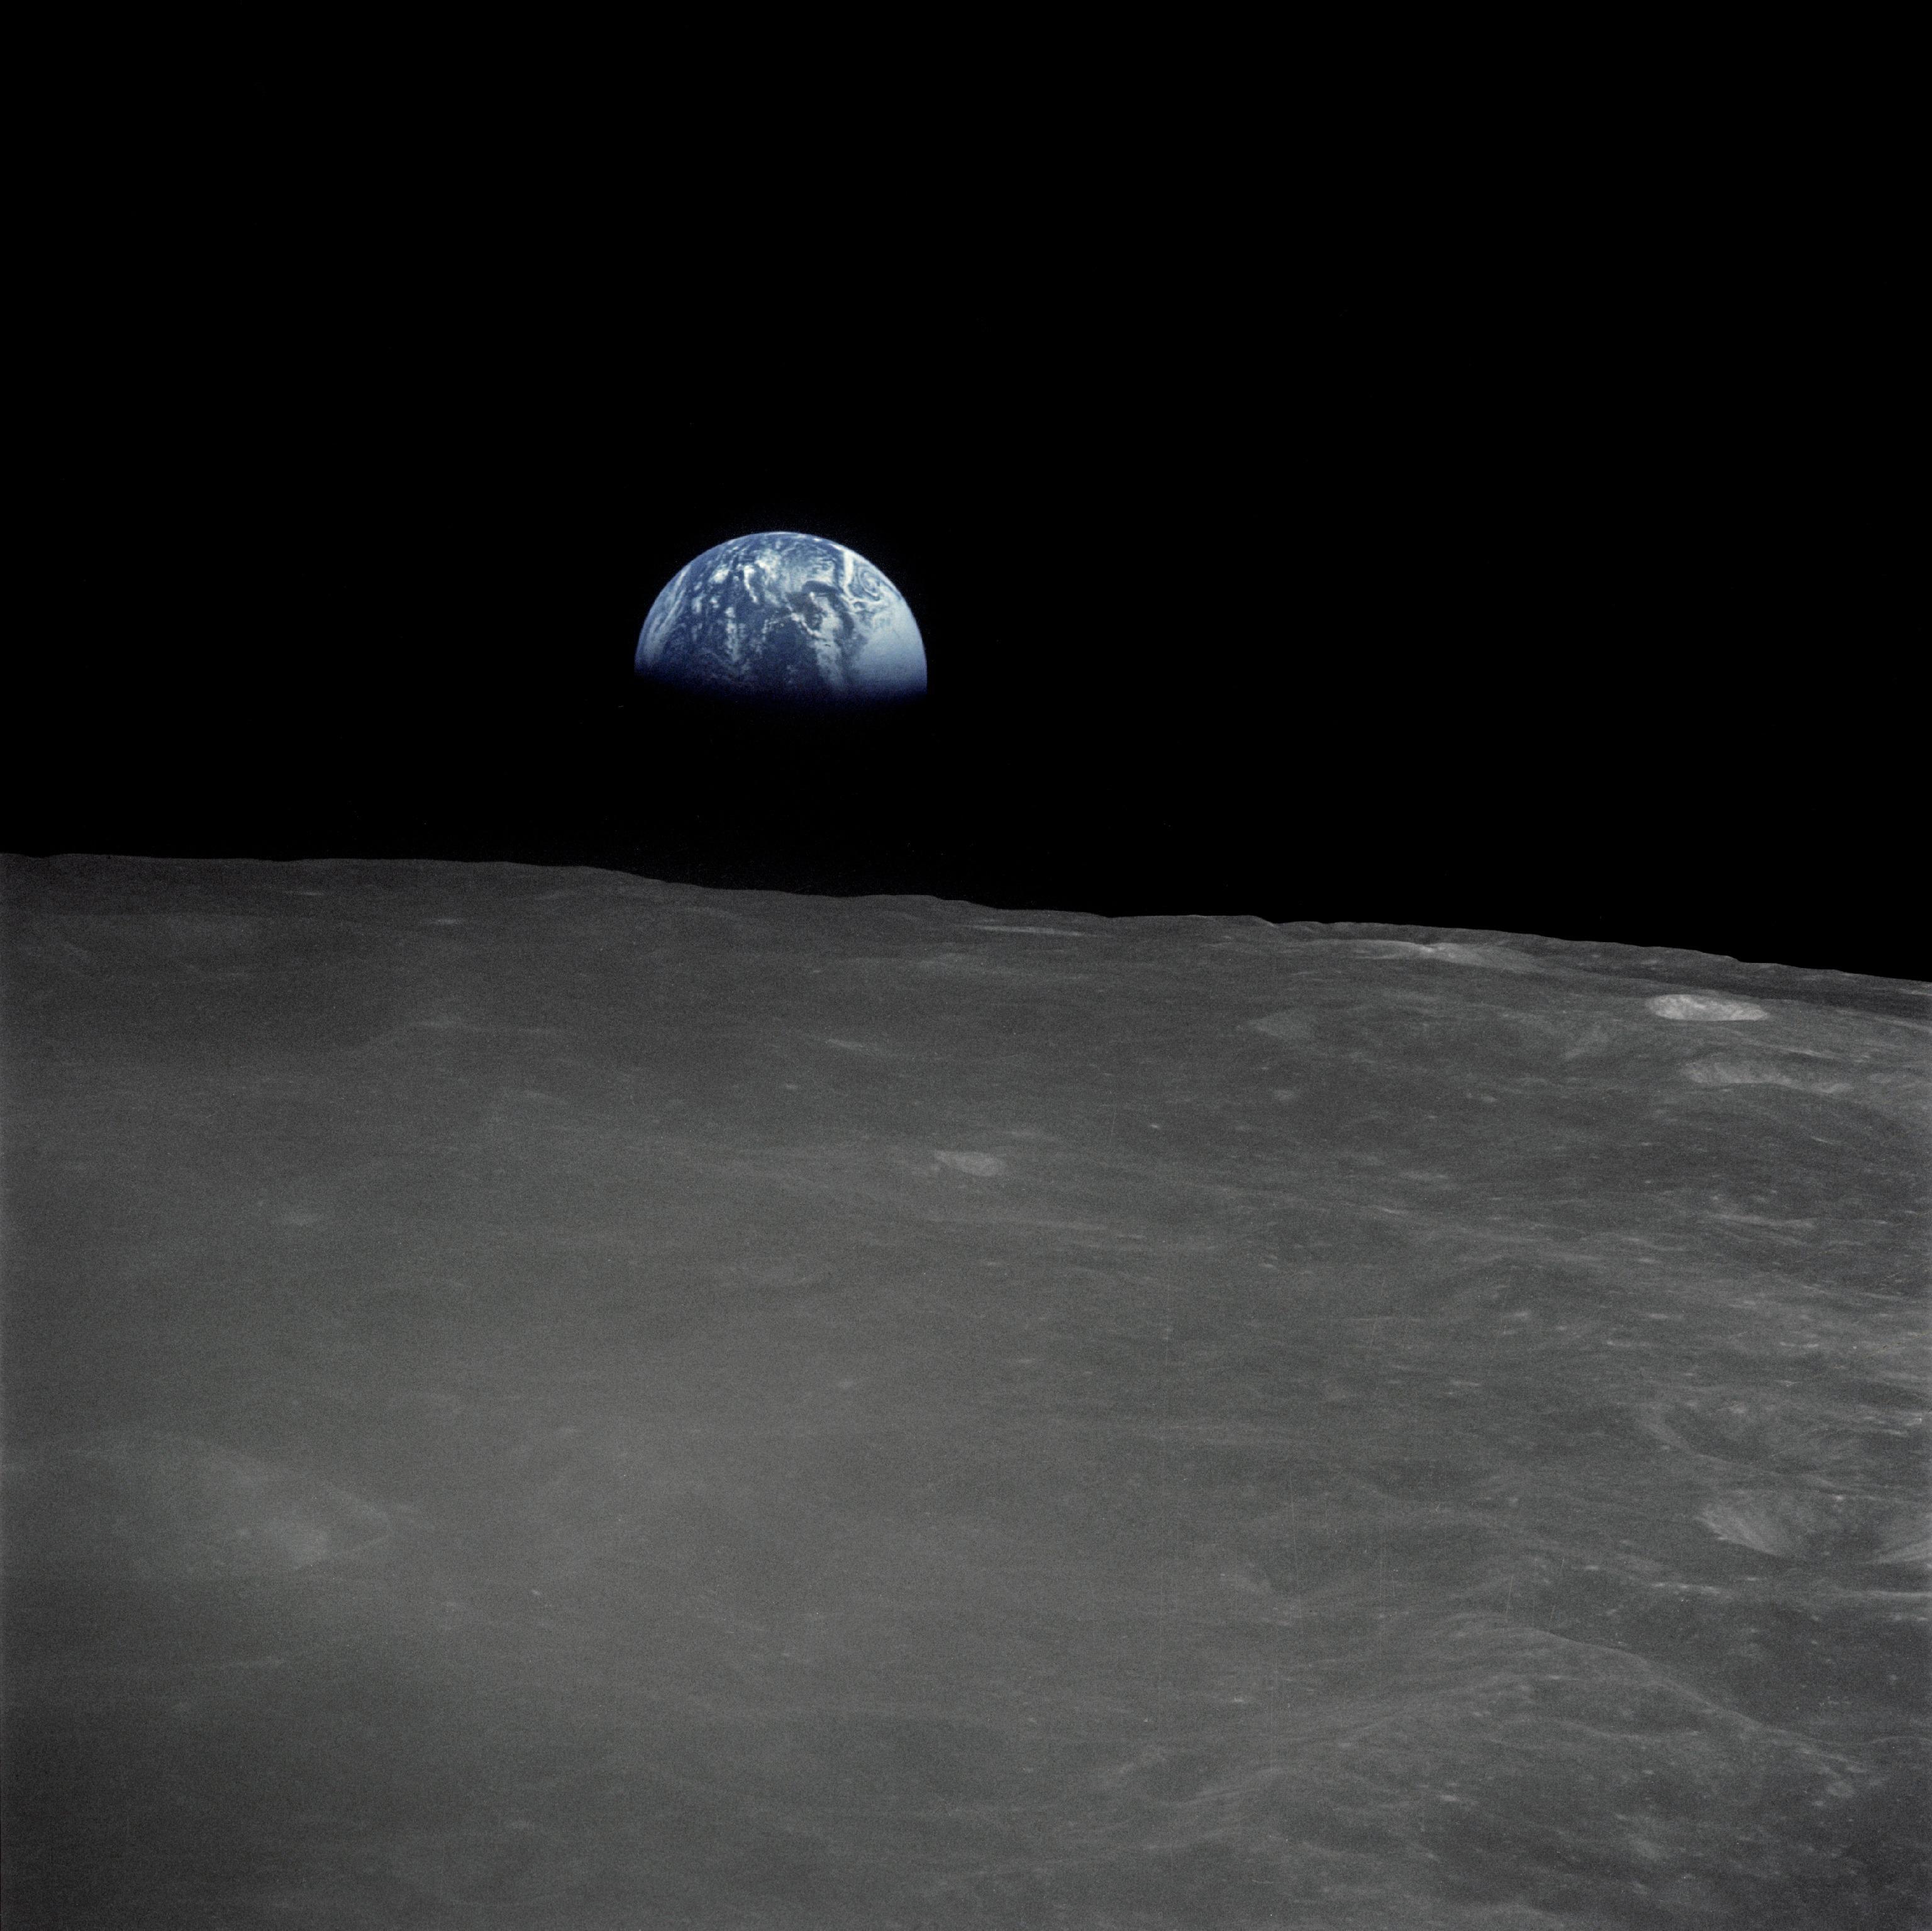 earth from the moon nasa - photo #29